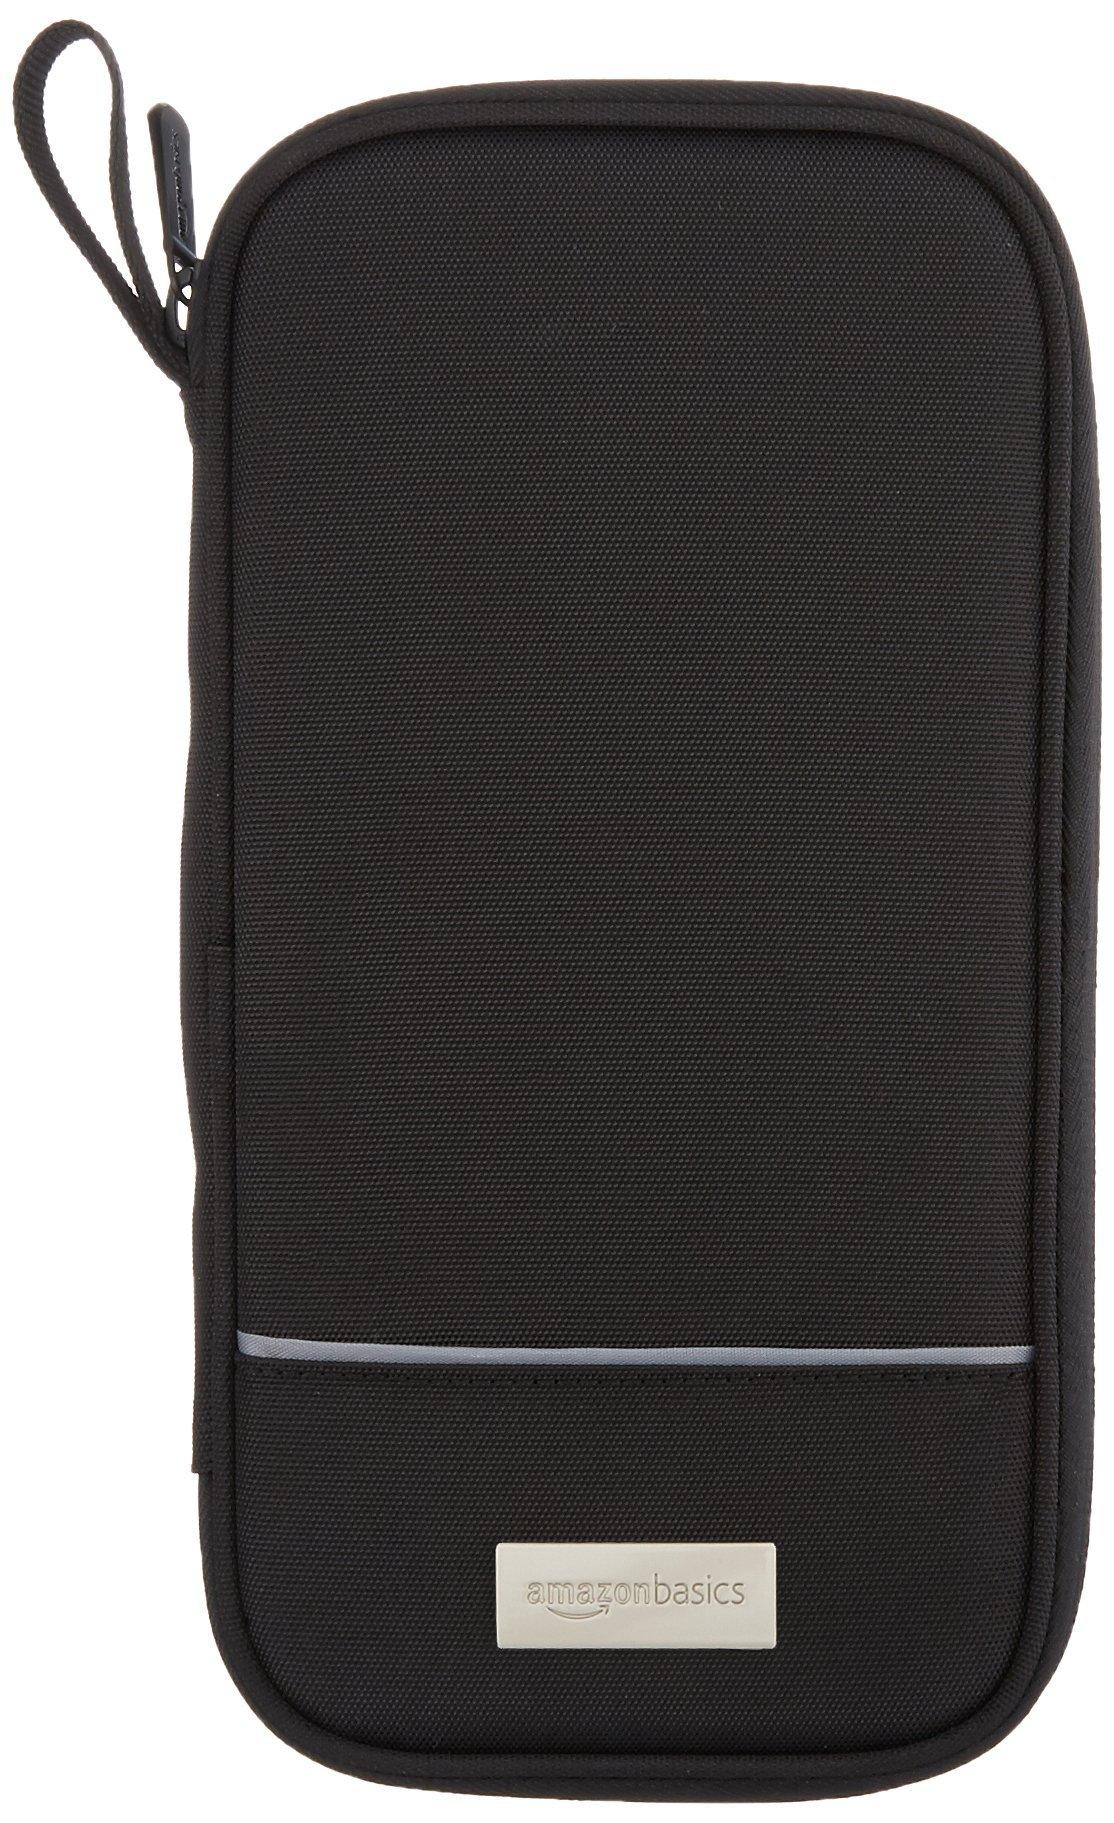 AmazonBasics Black Bag Organizer product image